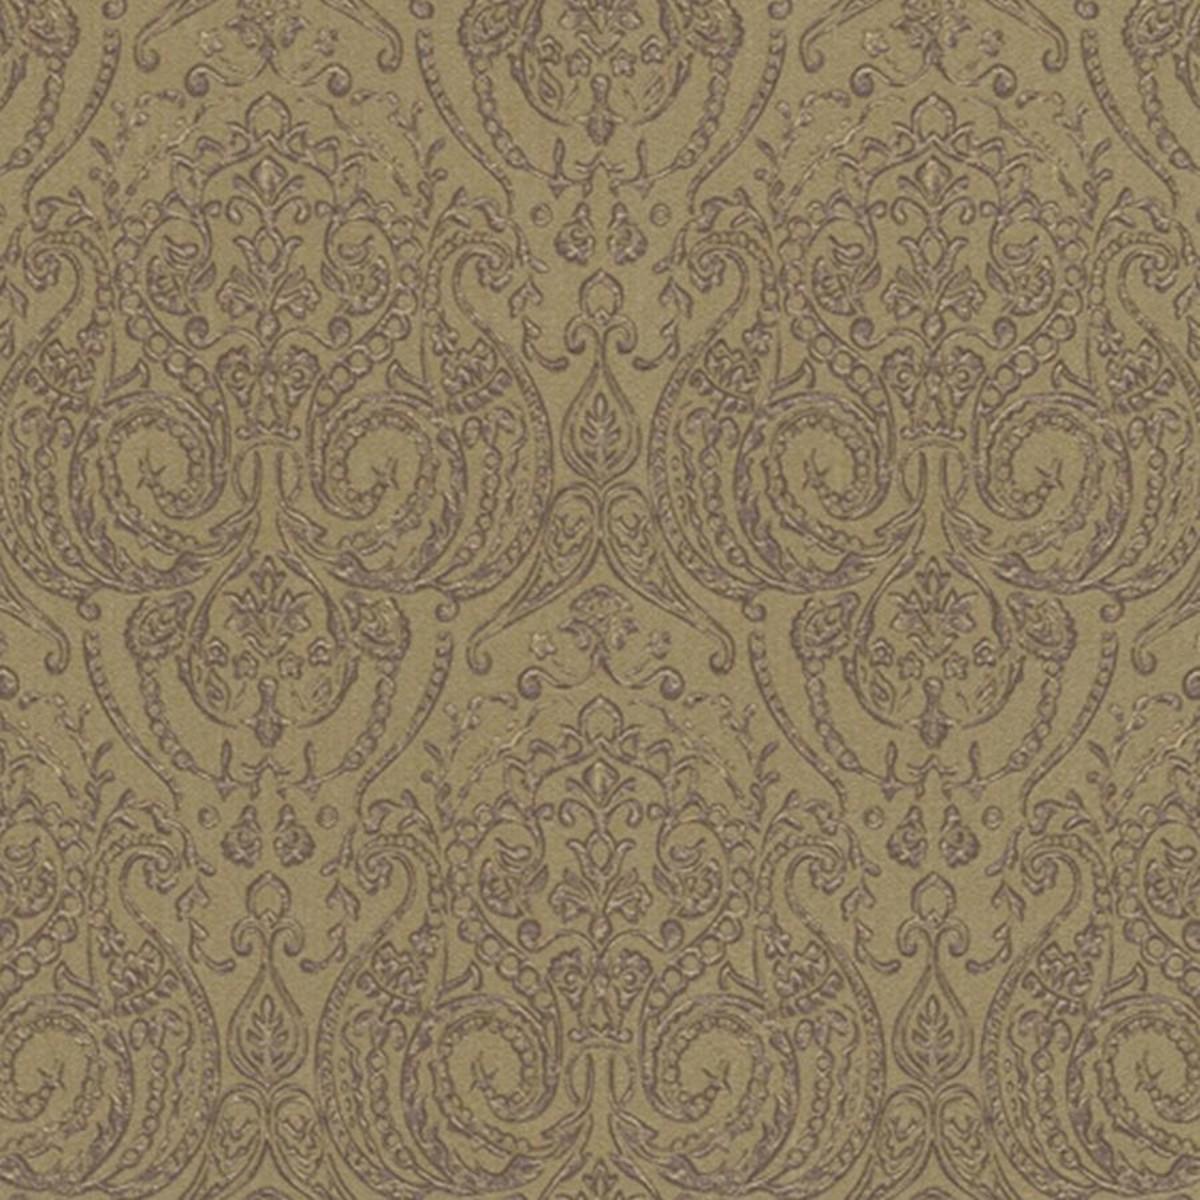 Обои флизелиновые Rasch Maximum X коричневые 1.06 м 924411